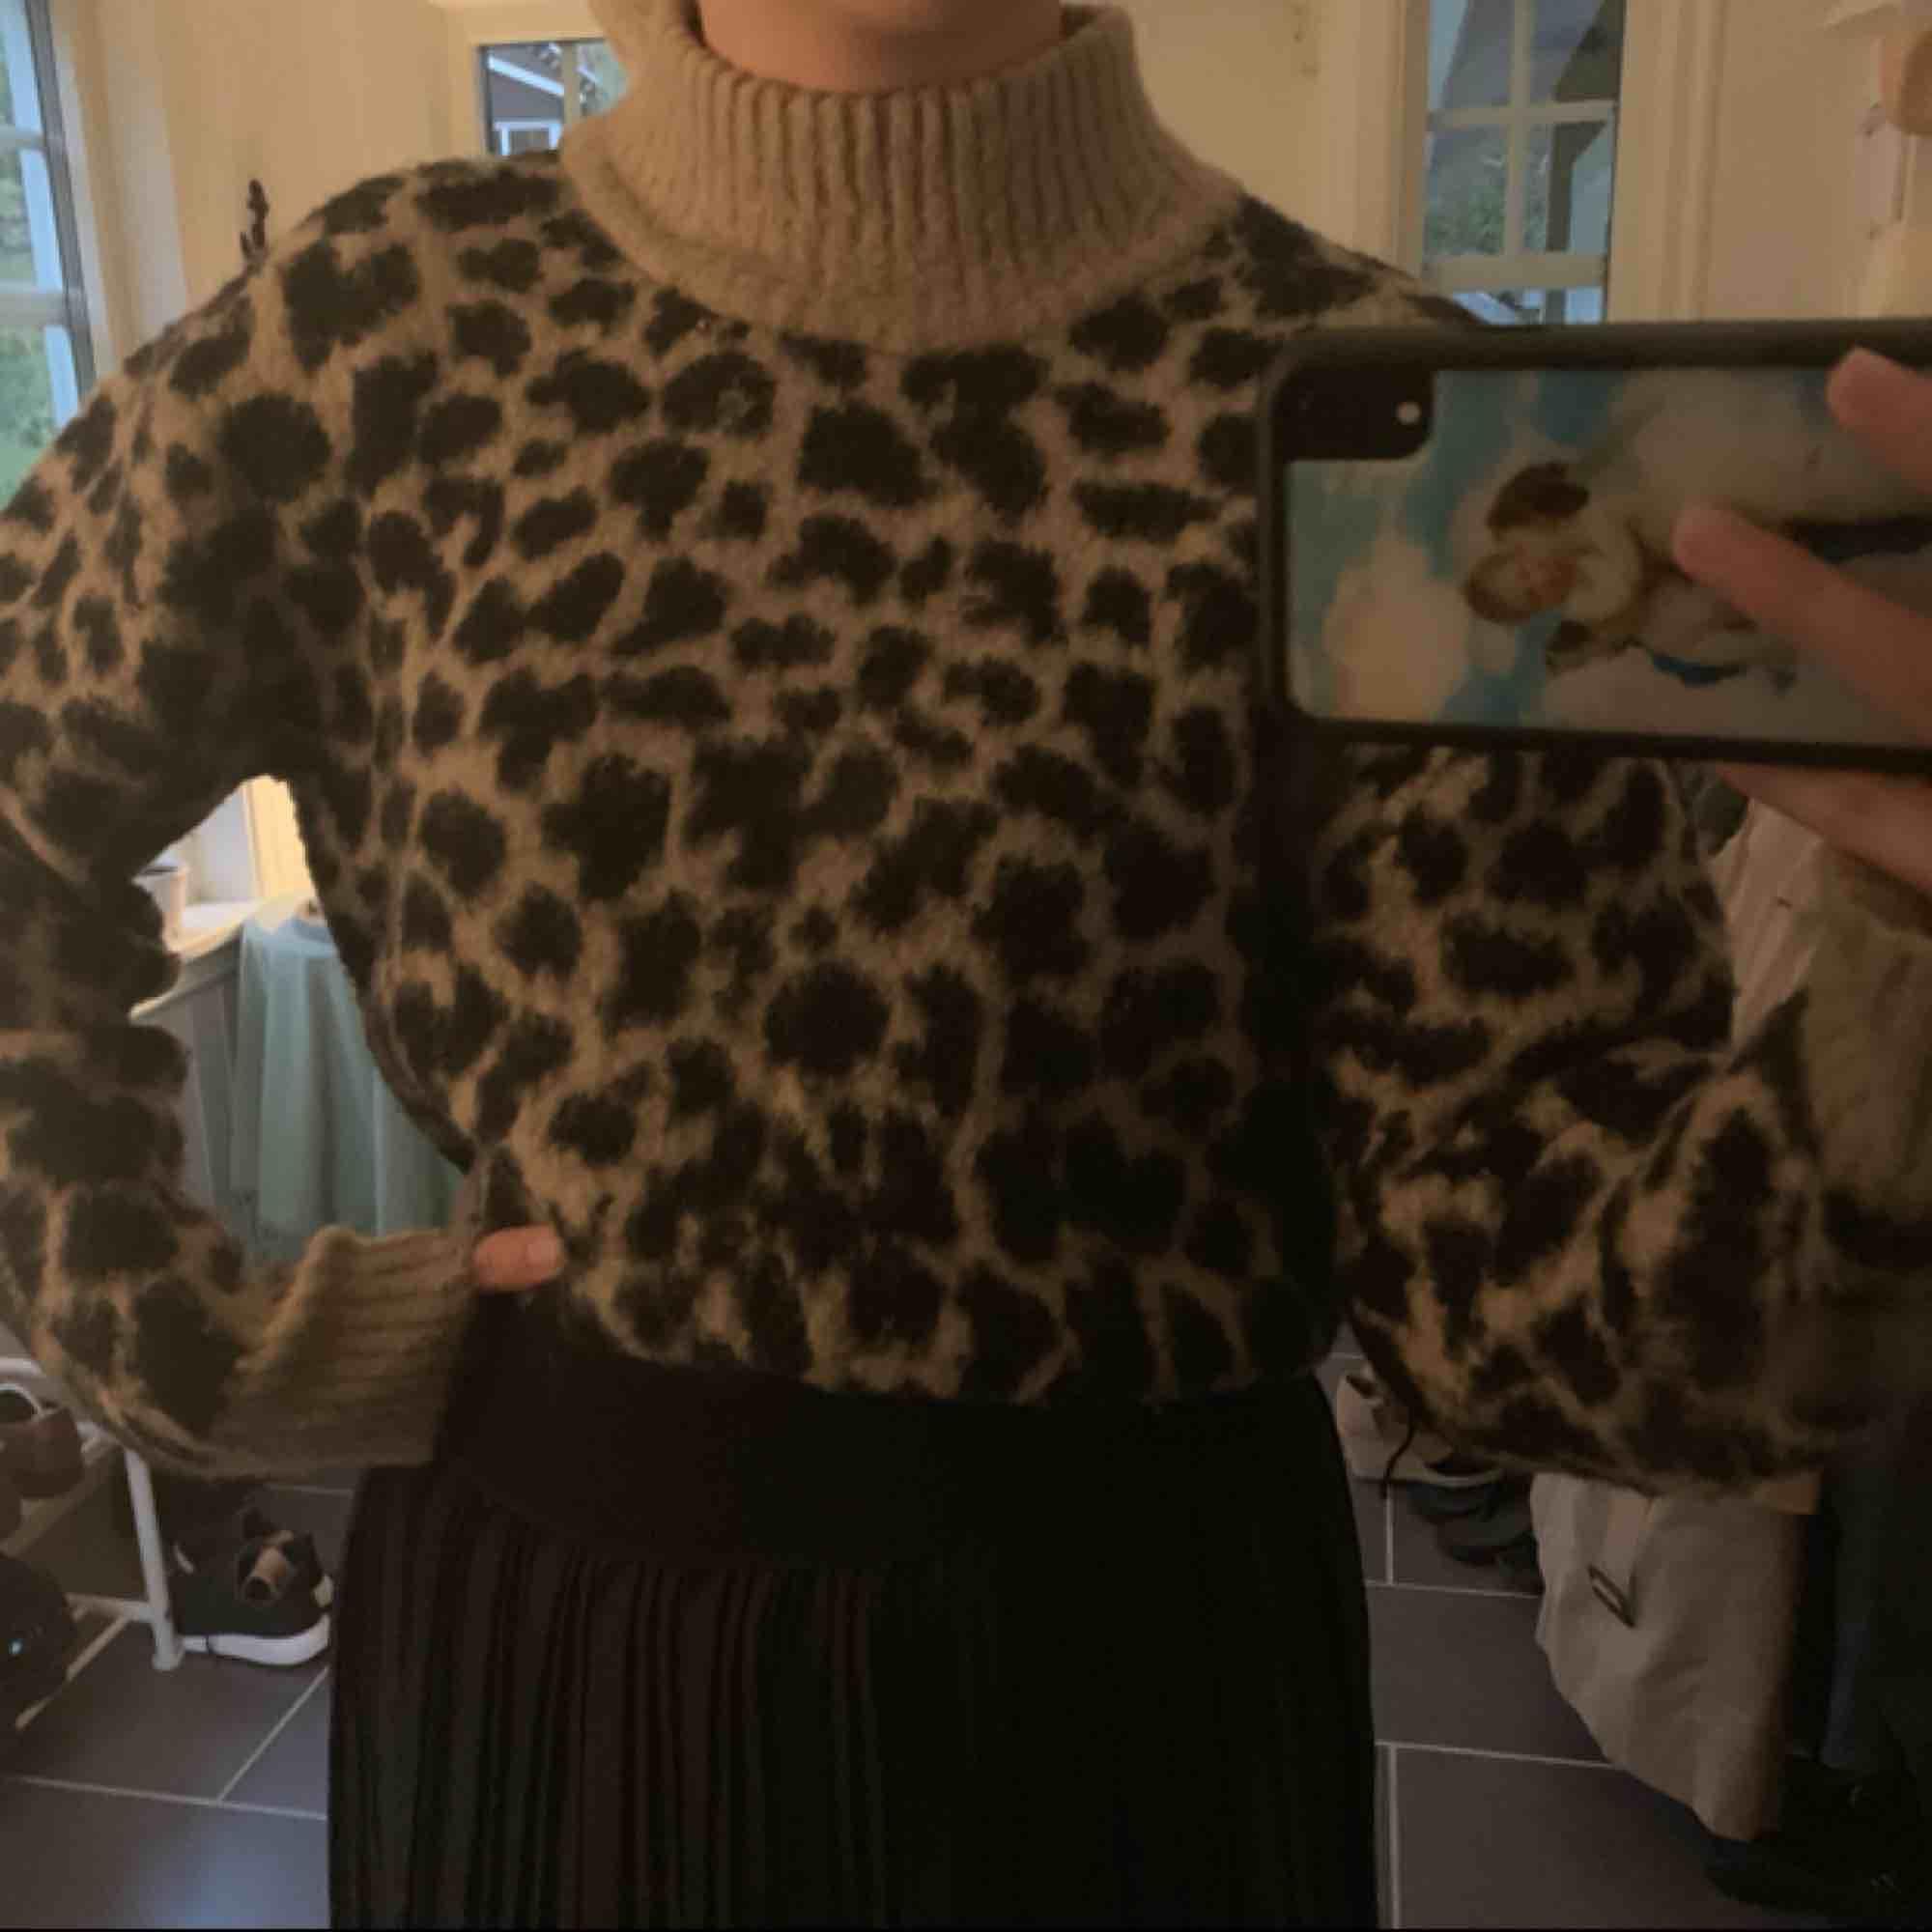 Skitmysig oversize tröja, passar till mycket 🐆 Frakten kostar 59kr  Nypris: 500kr   Jag ser inte kommentarer av nån anledning så kontakta om du undrar nåt! . Stickat.